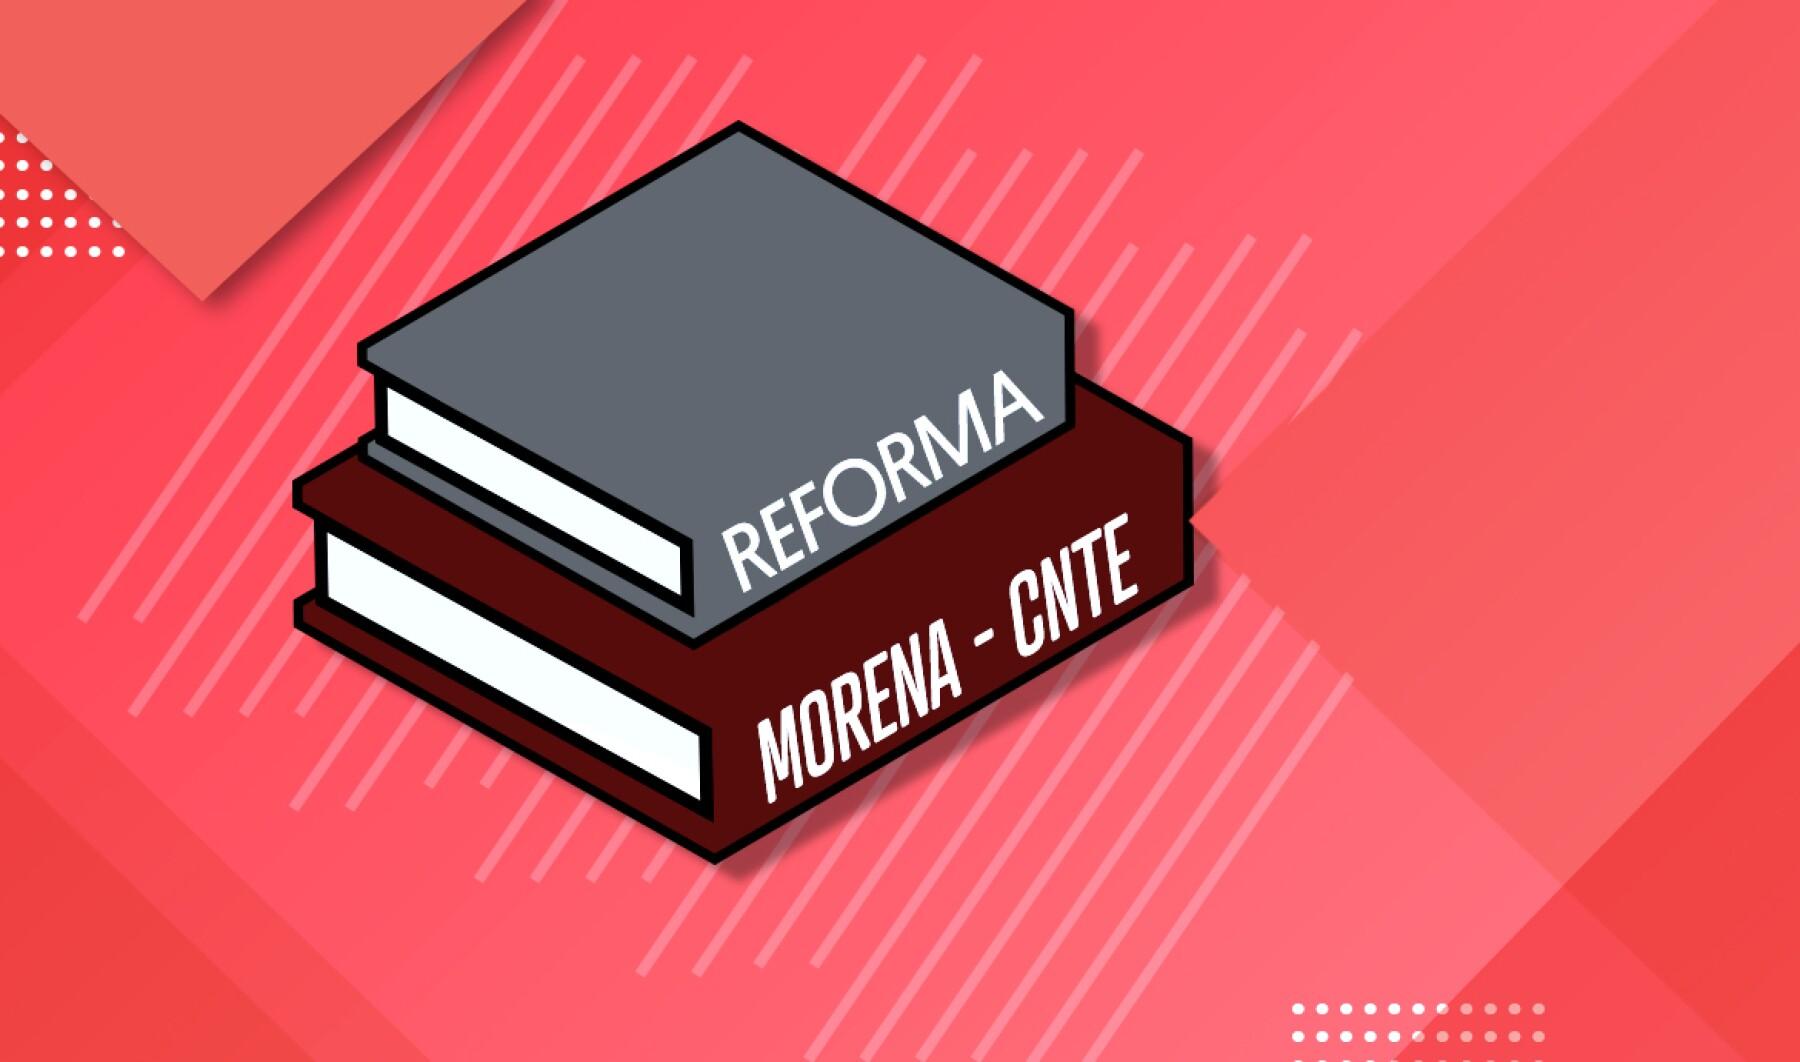 reforma-educativa.jpg